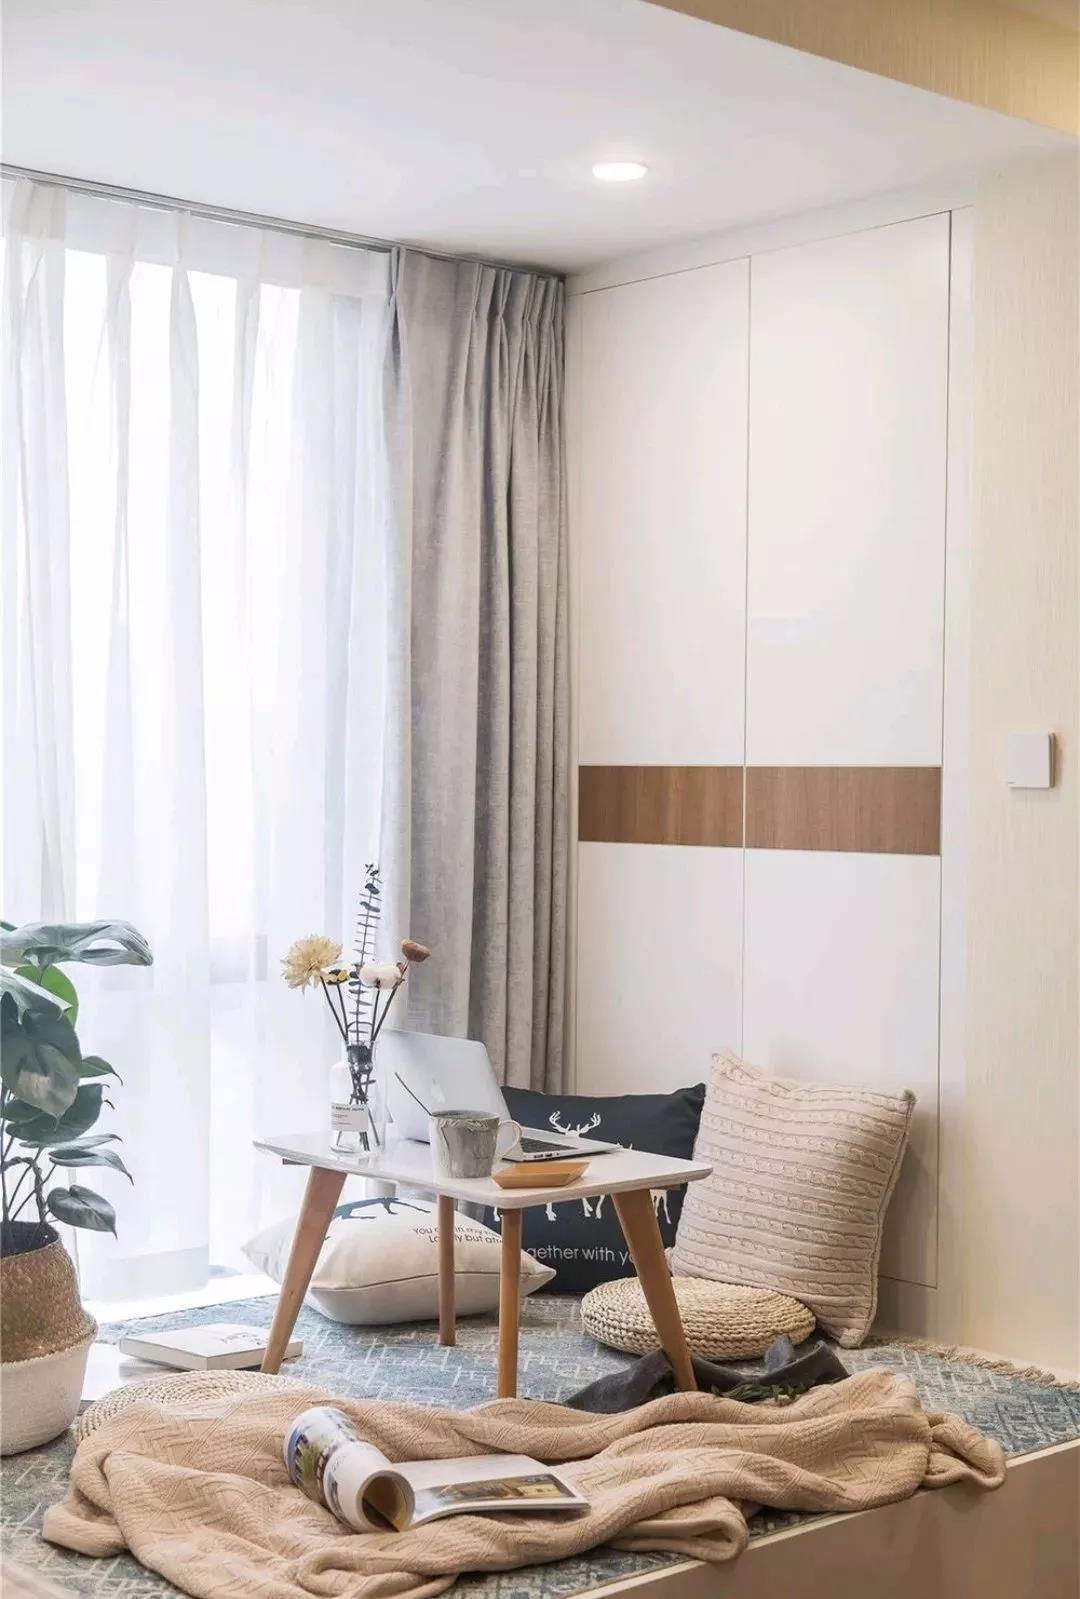 2021北欧阳台装修效果图大全 2021北欧书桌装饰设计